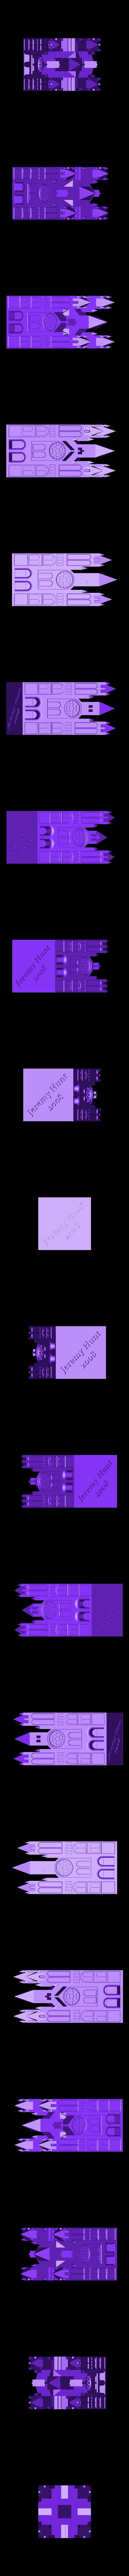 Cathedral_Fix.stl Télécharger fichier STL gratuit Pièce de jeu de cathédrale • Design imprimable en 3D, Steedrick